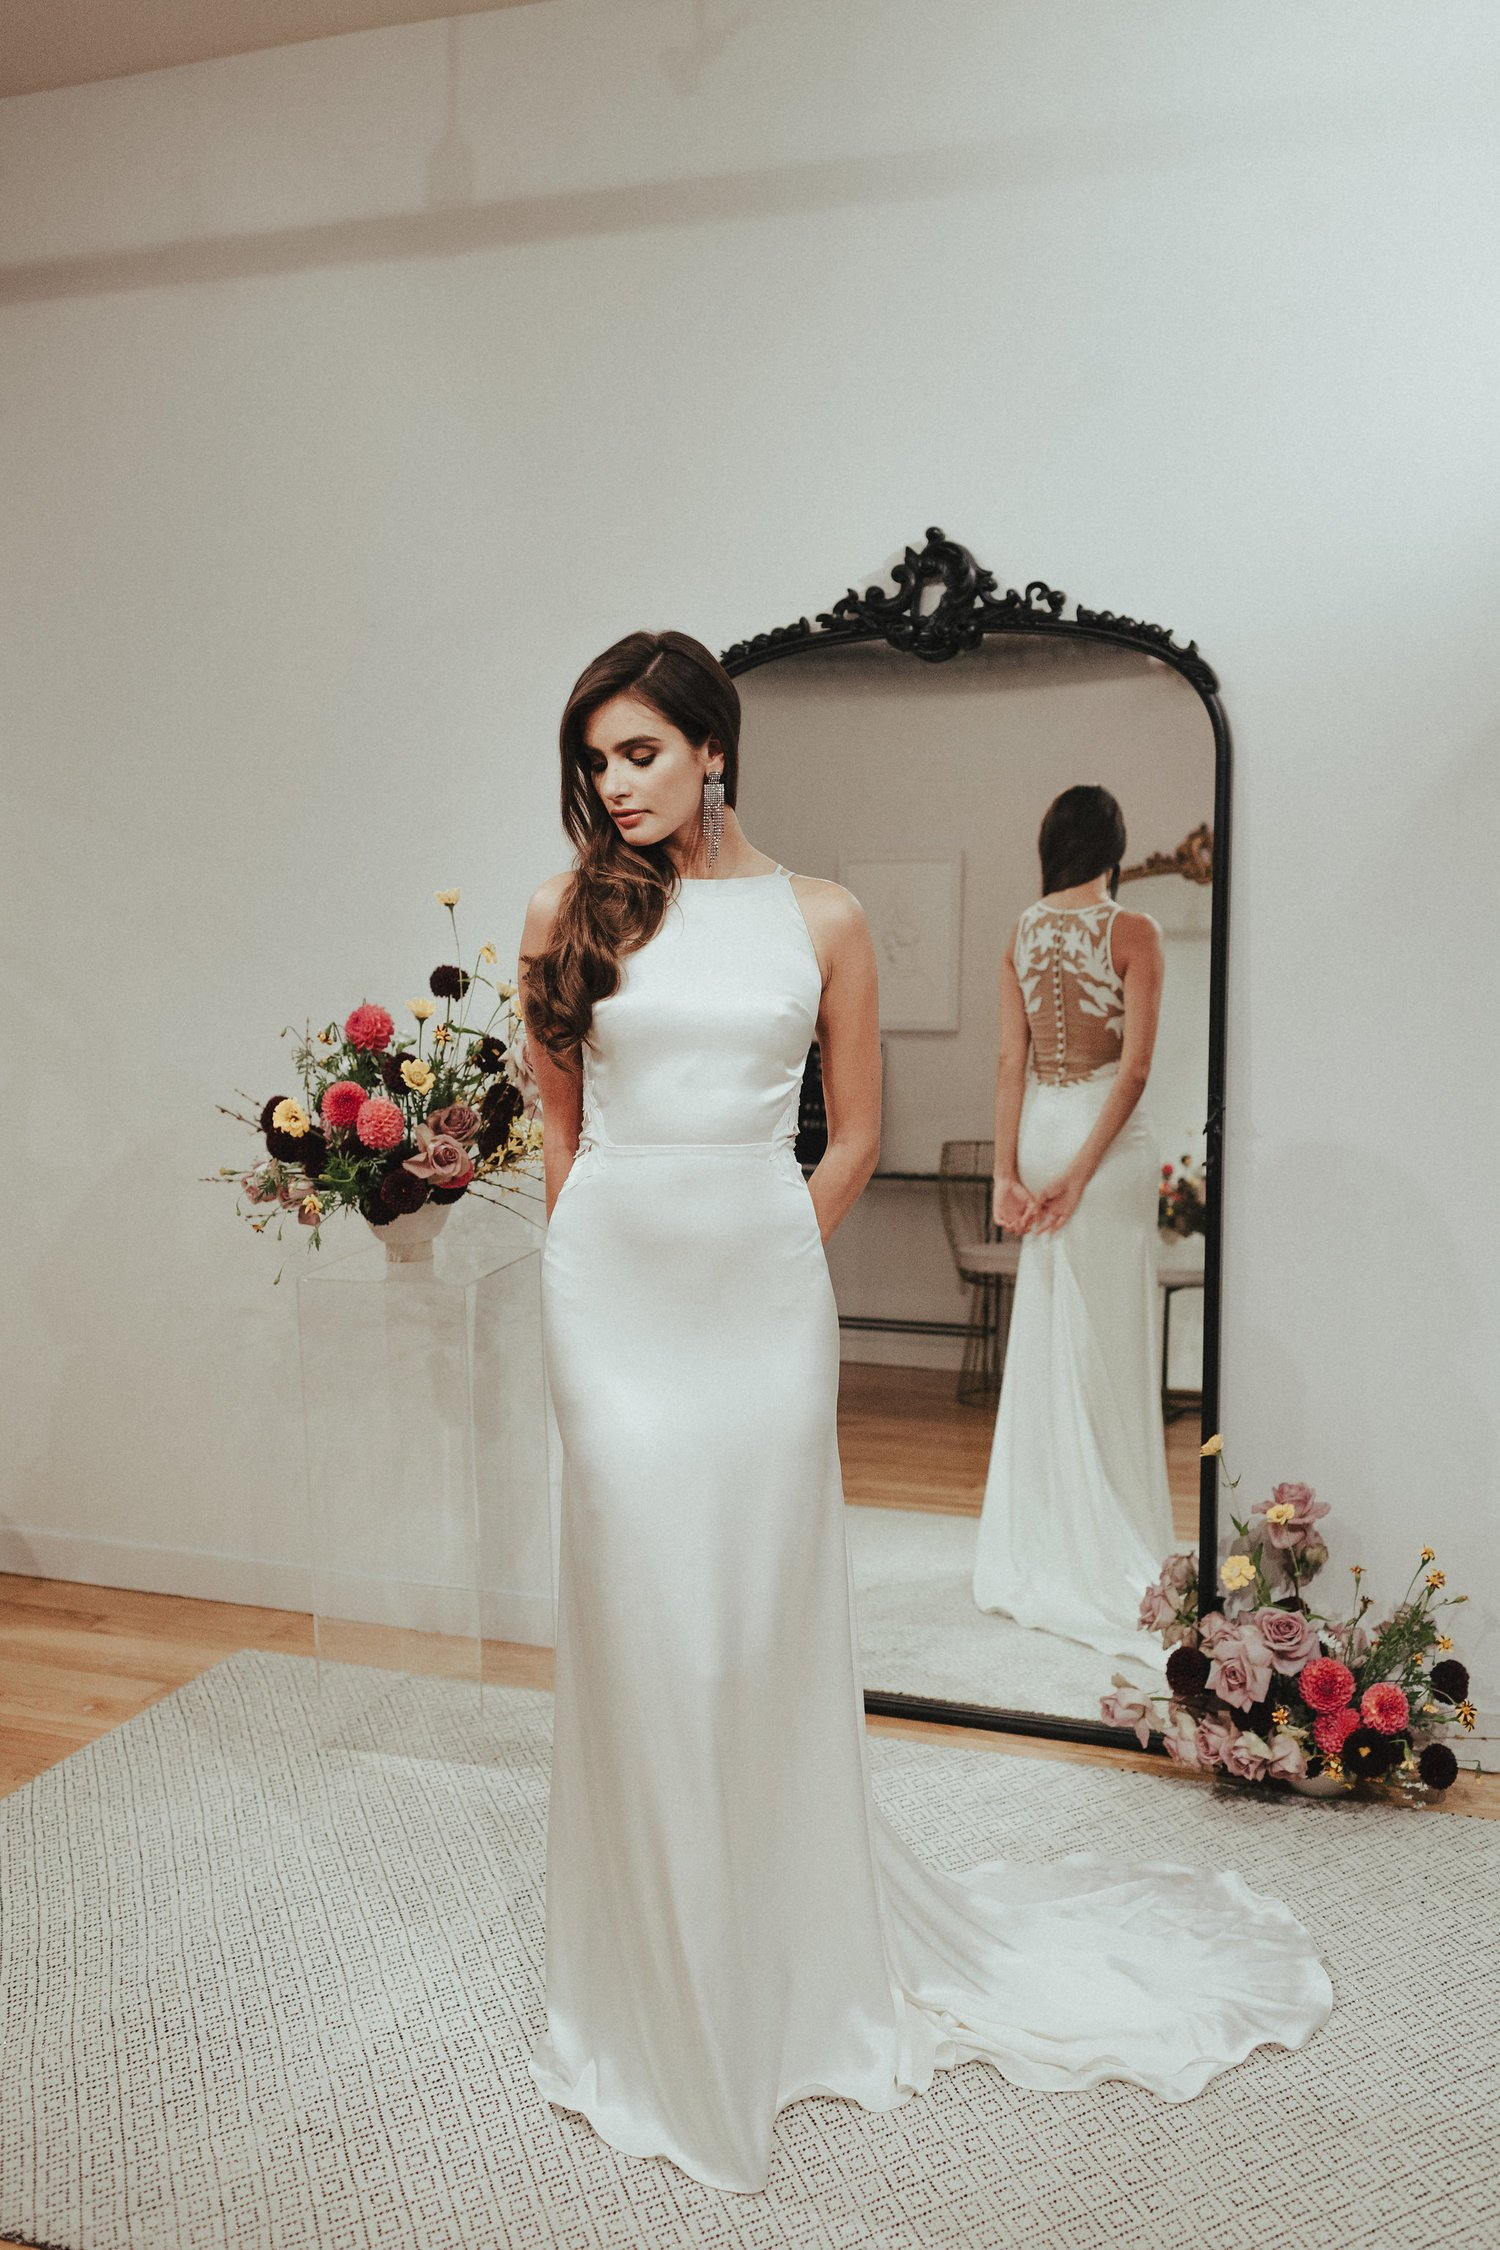 2f55d41f7 Vestidos de noiva: guia 2019 dos melhores modelos, marcas e estilistas